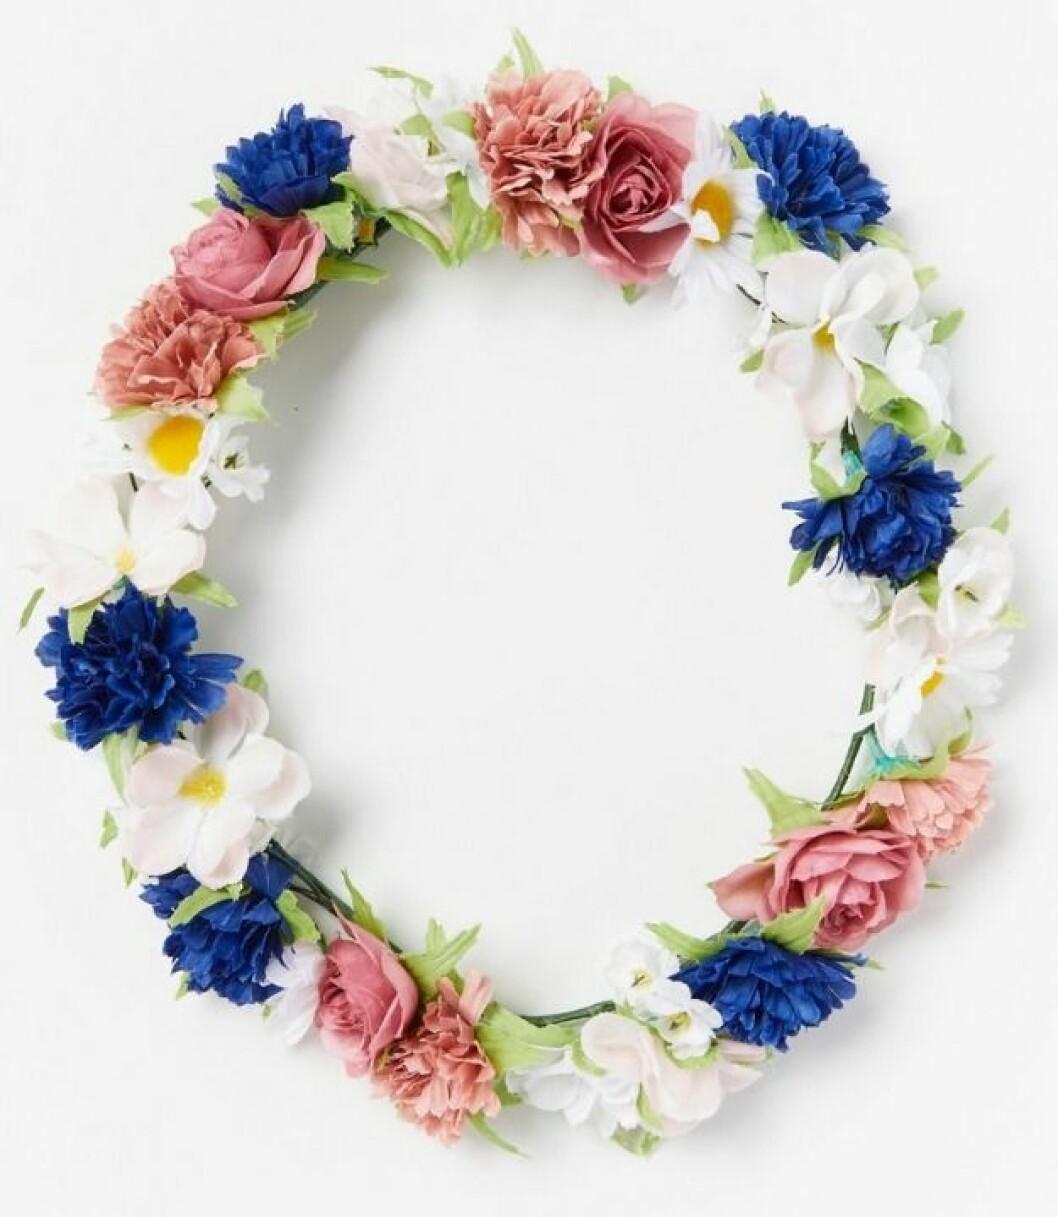 blomsterkrans med tygblommor som du kan köpa på Lindex